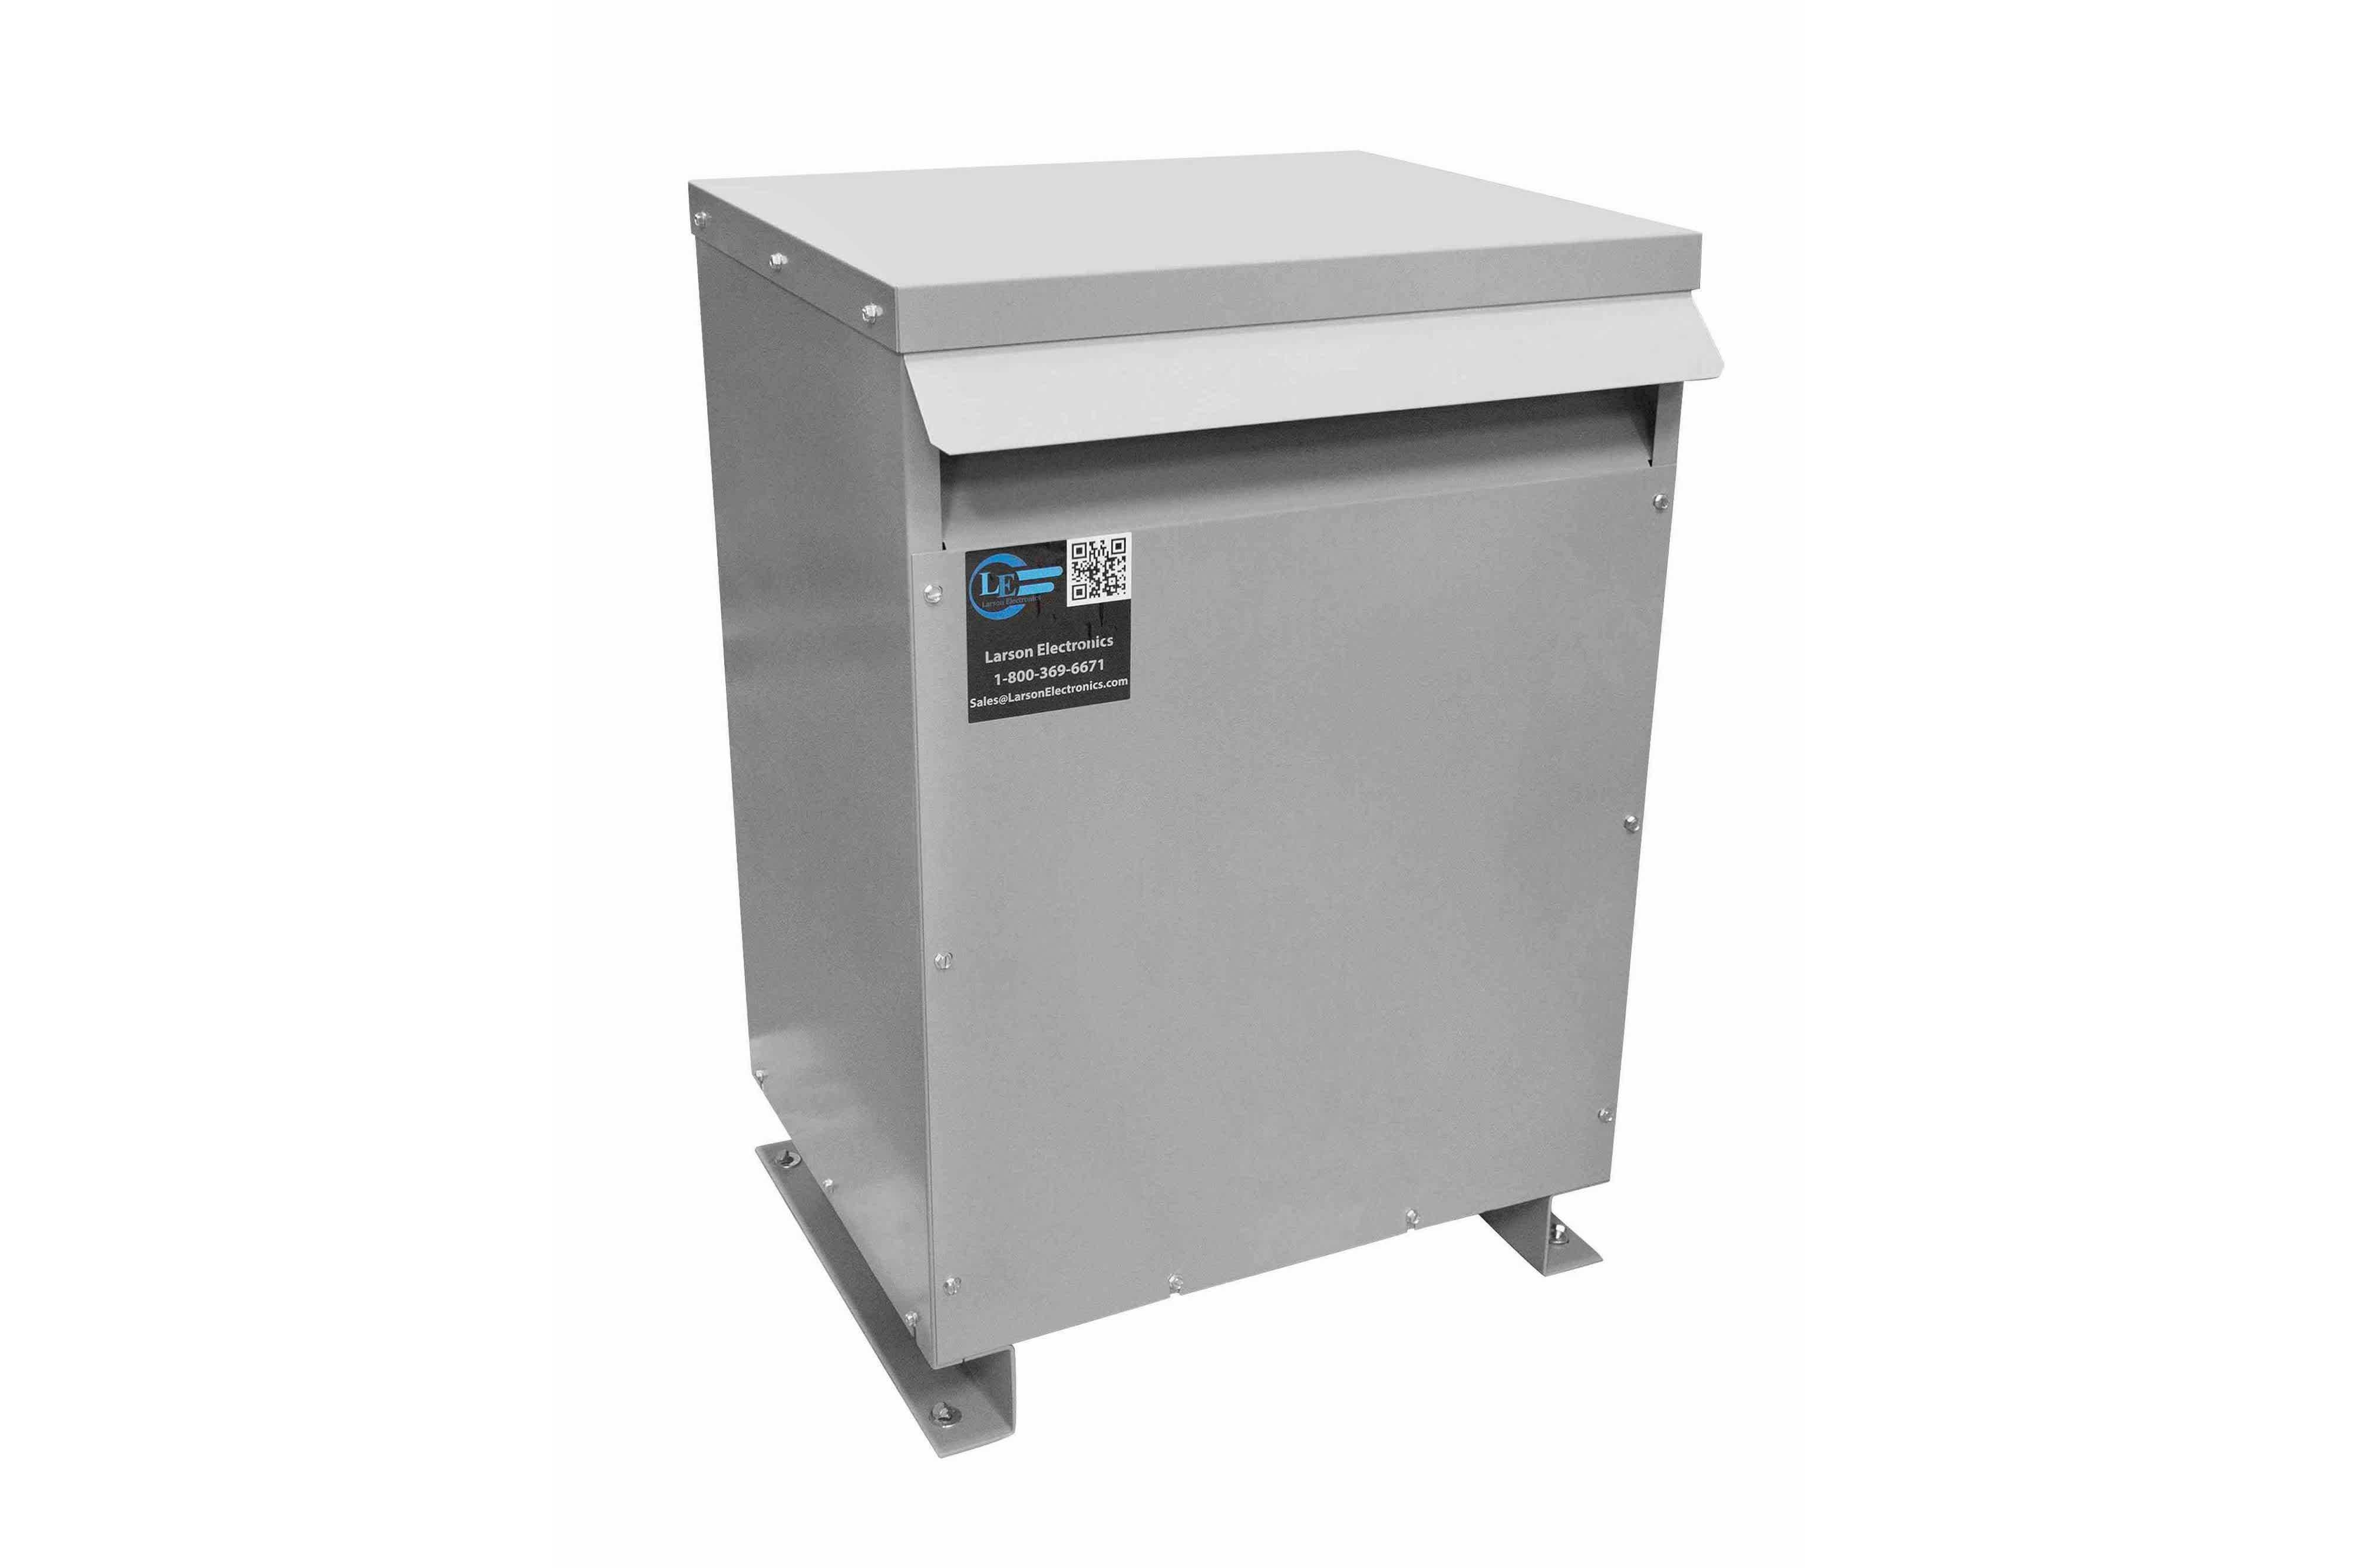 47.5 kVA 3PH Isolation Transformer, 240V Delta Primary, 415V Delta Secondary, N3R, Ventilated, 60 Hz